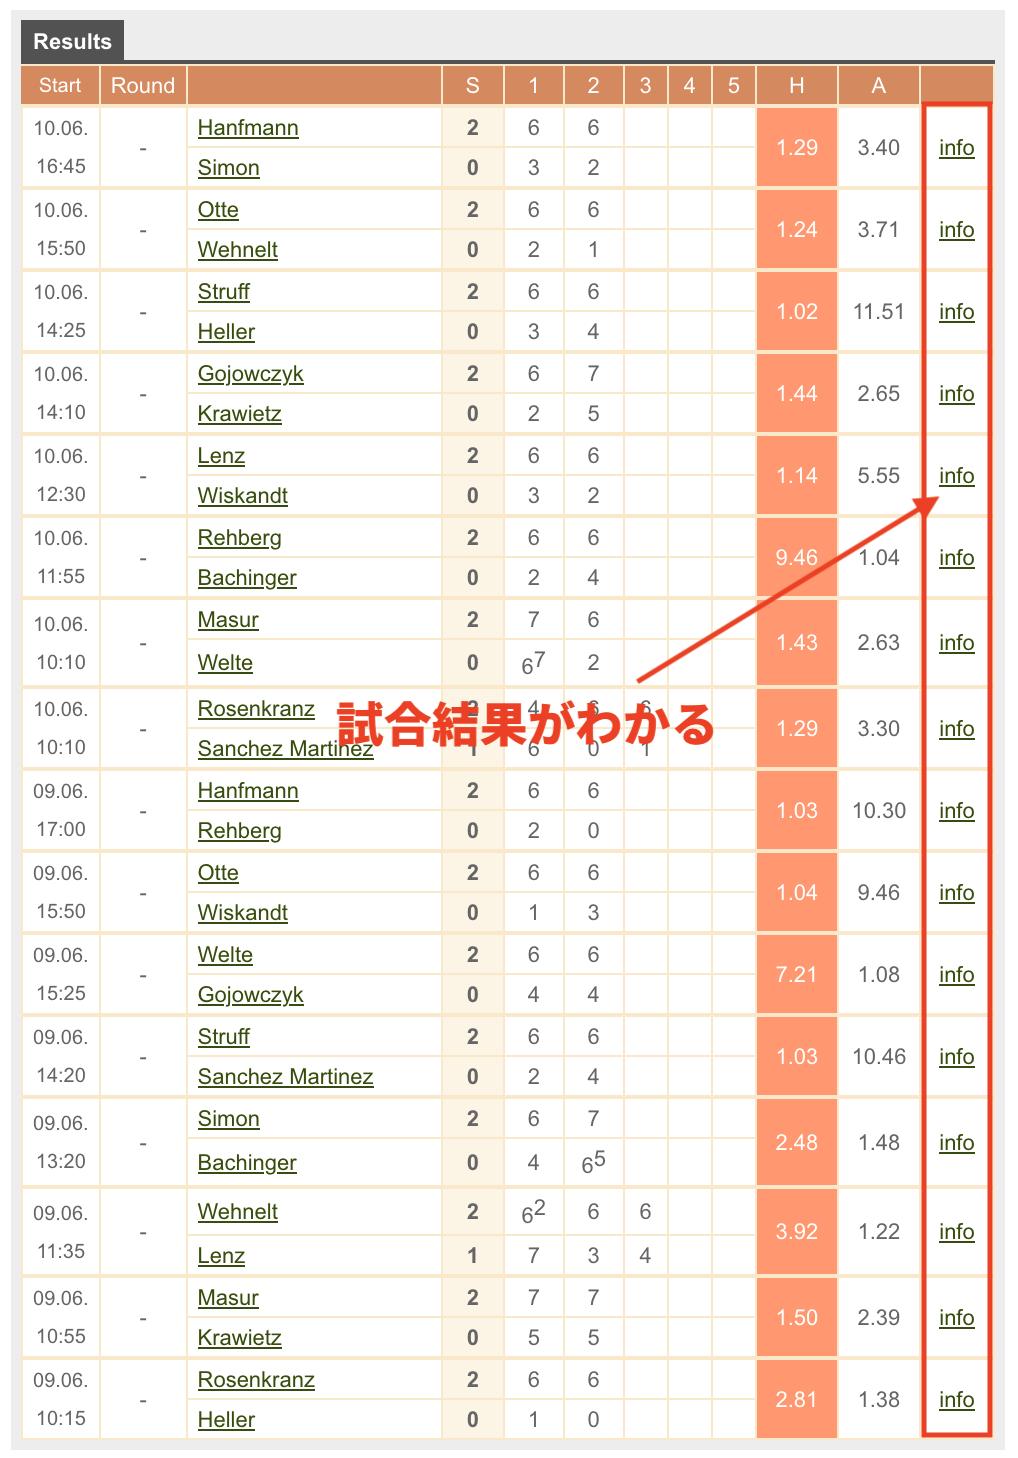 ブックメーカーテニスのデータ